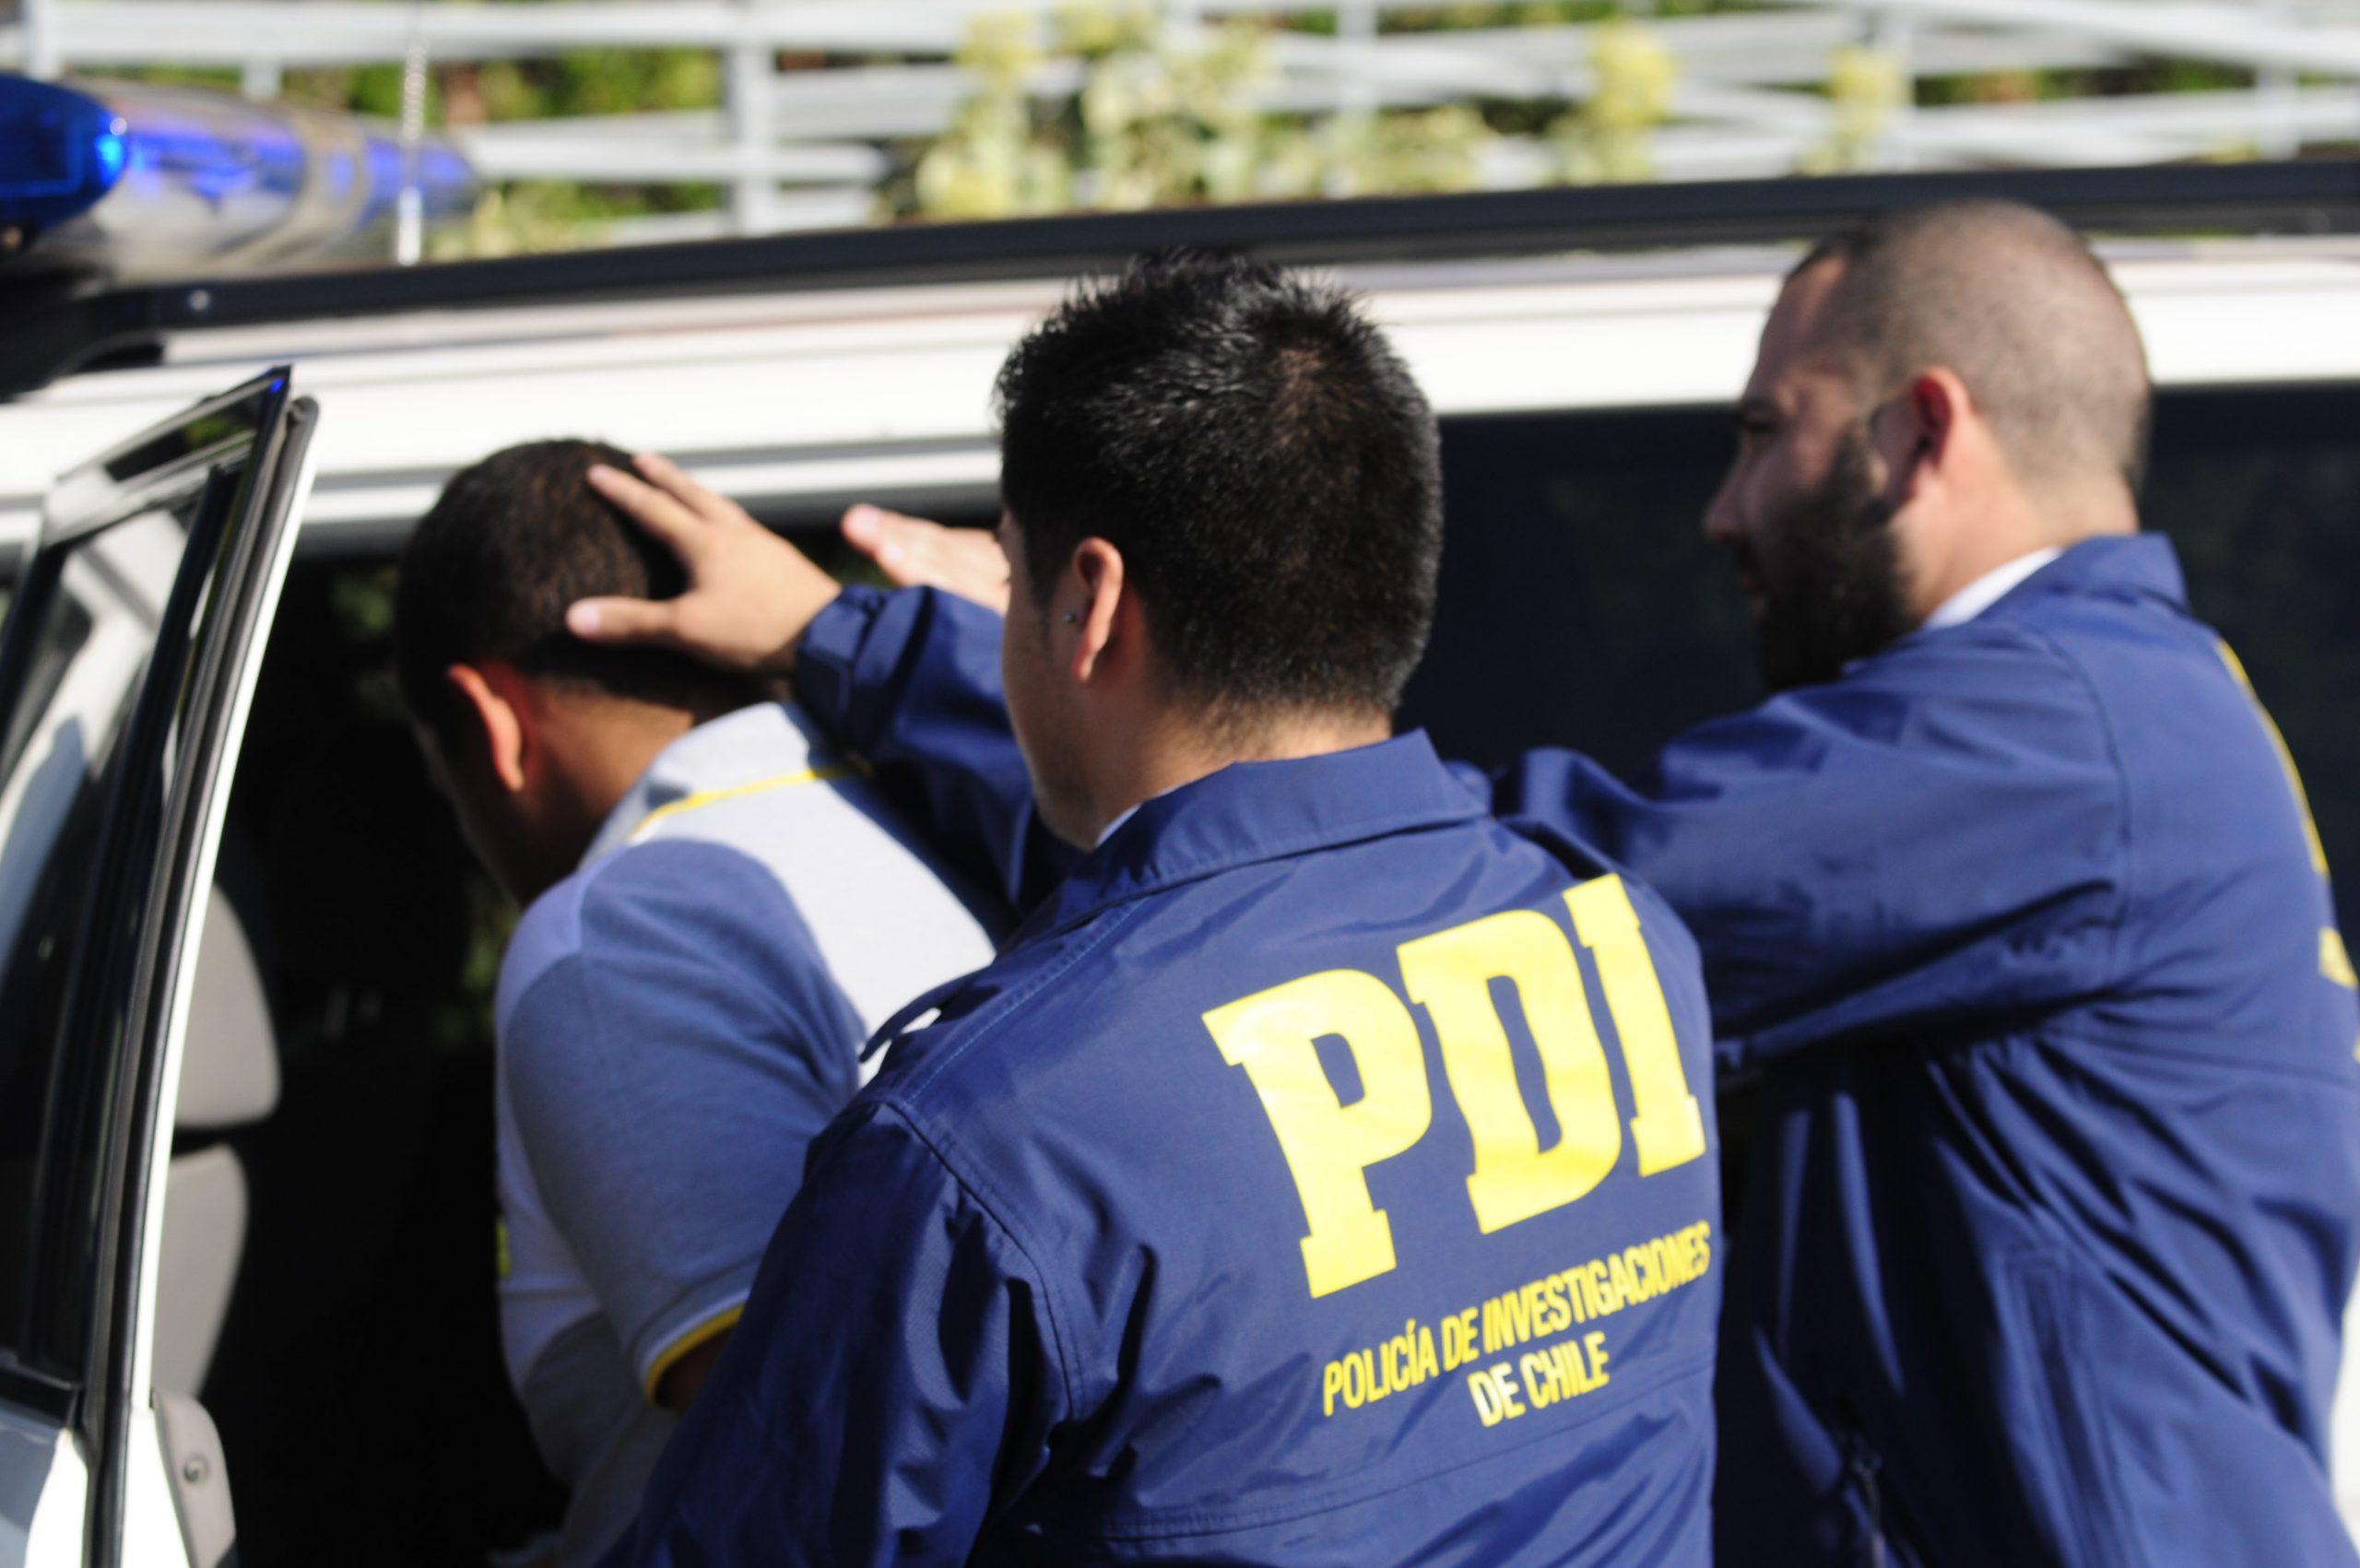 Noticias Chile   Delincuente queda en prisión preventiva luego de abusar de dos menores en un cerro